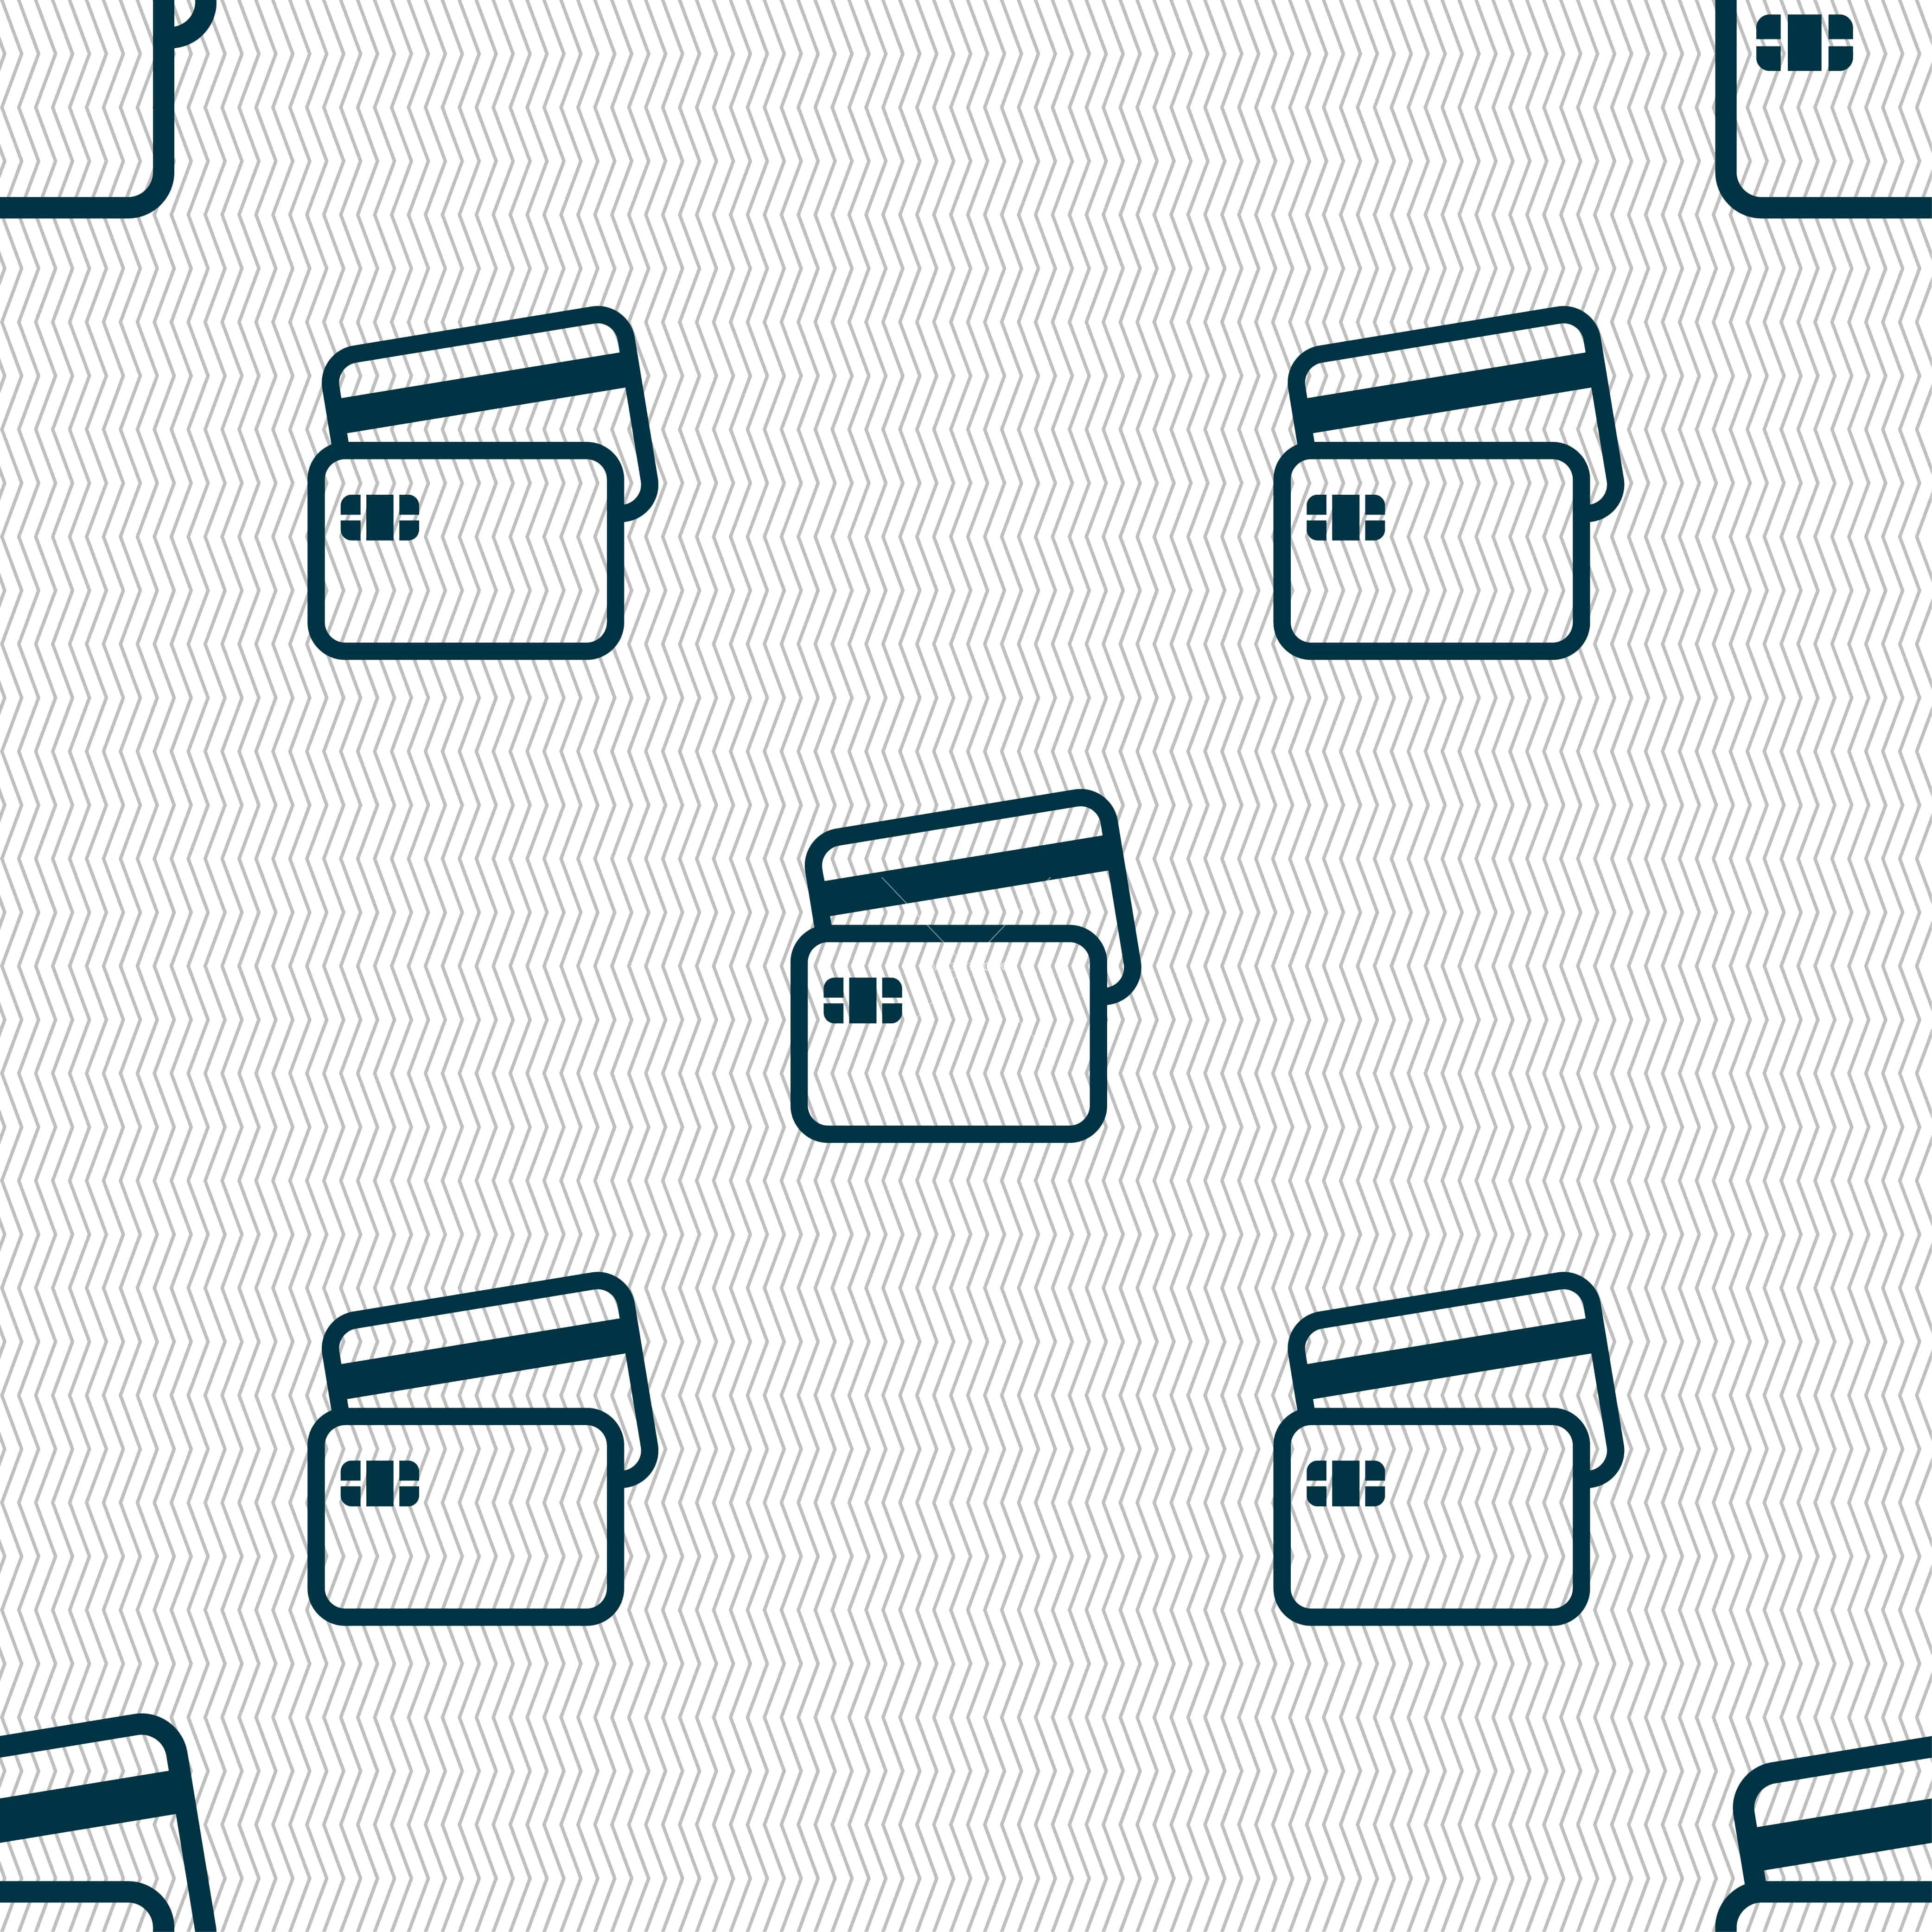 Cartes Bancaires NFC En 2015 Est On Enfin Securite